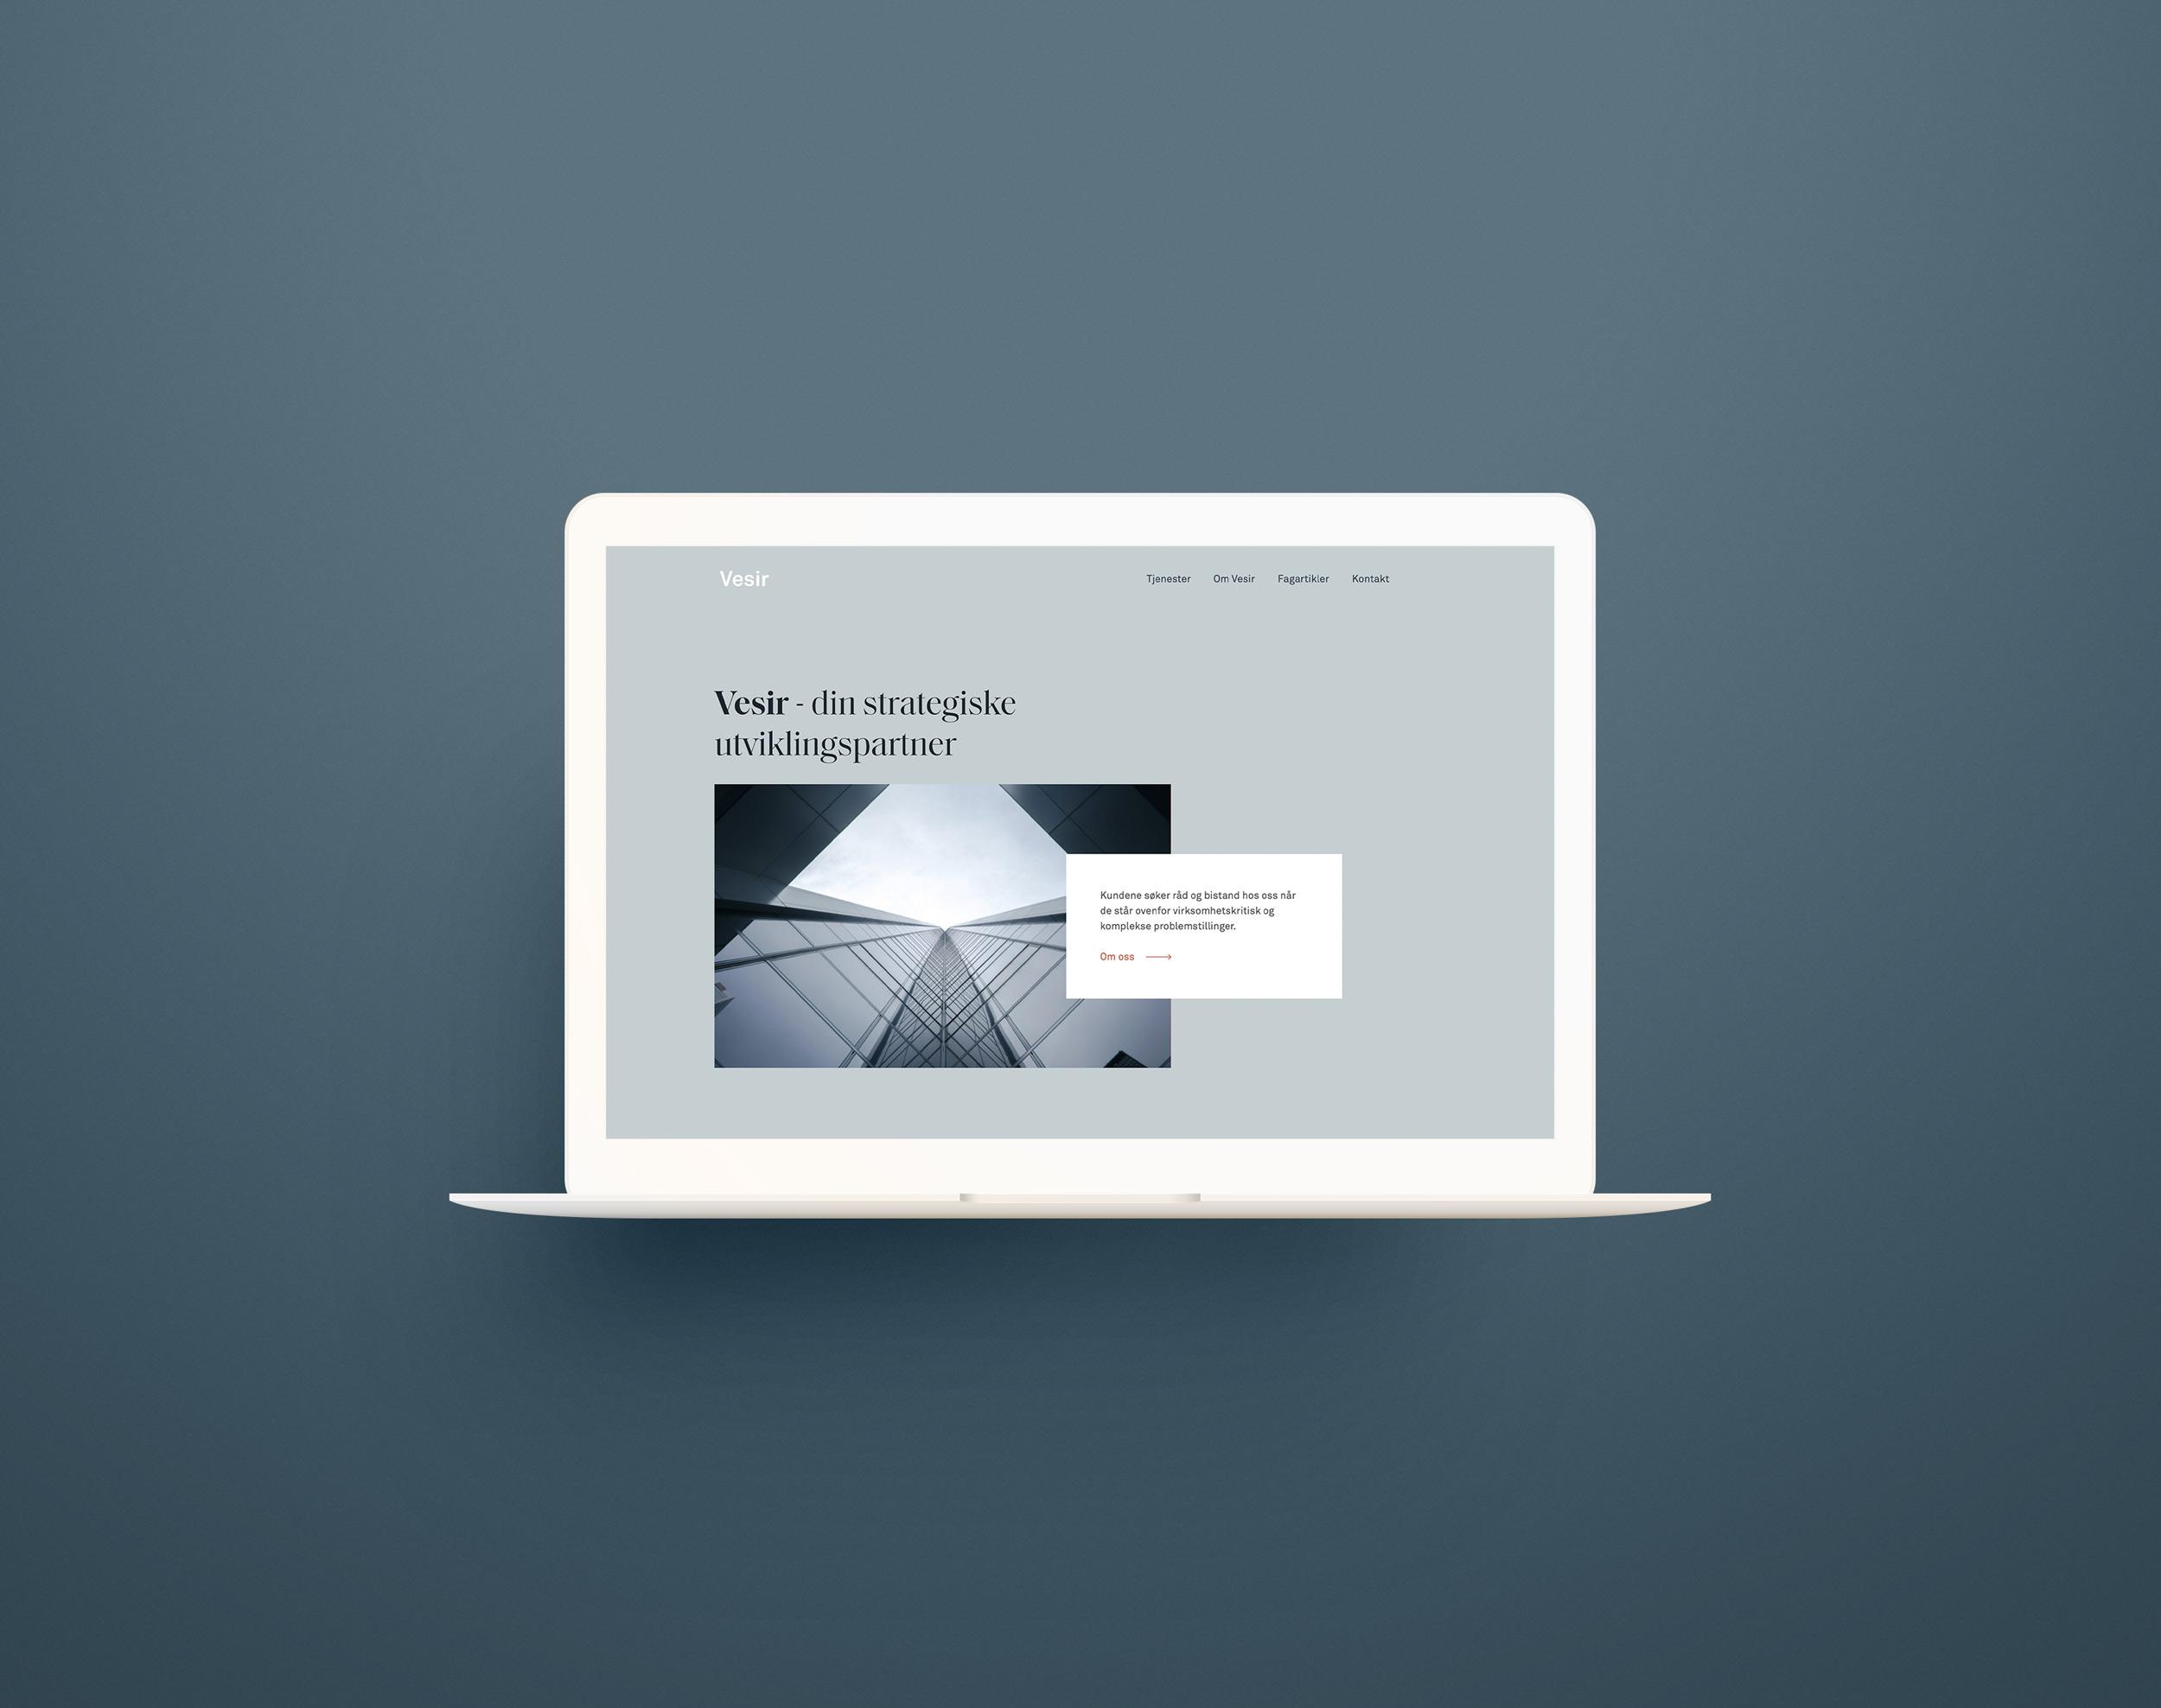 vesir-macbook3.jpg